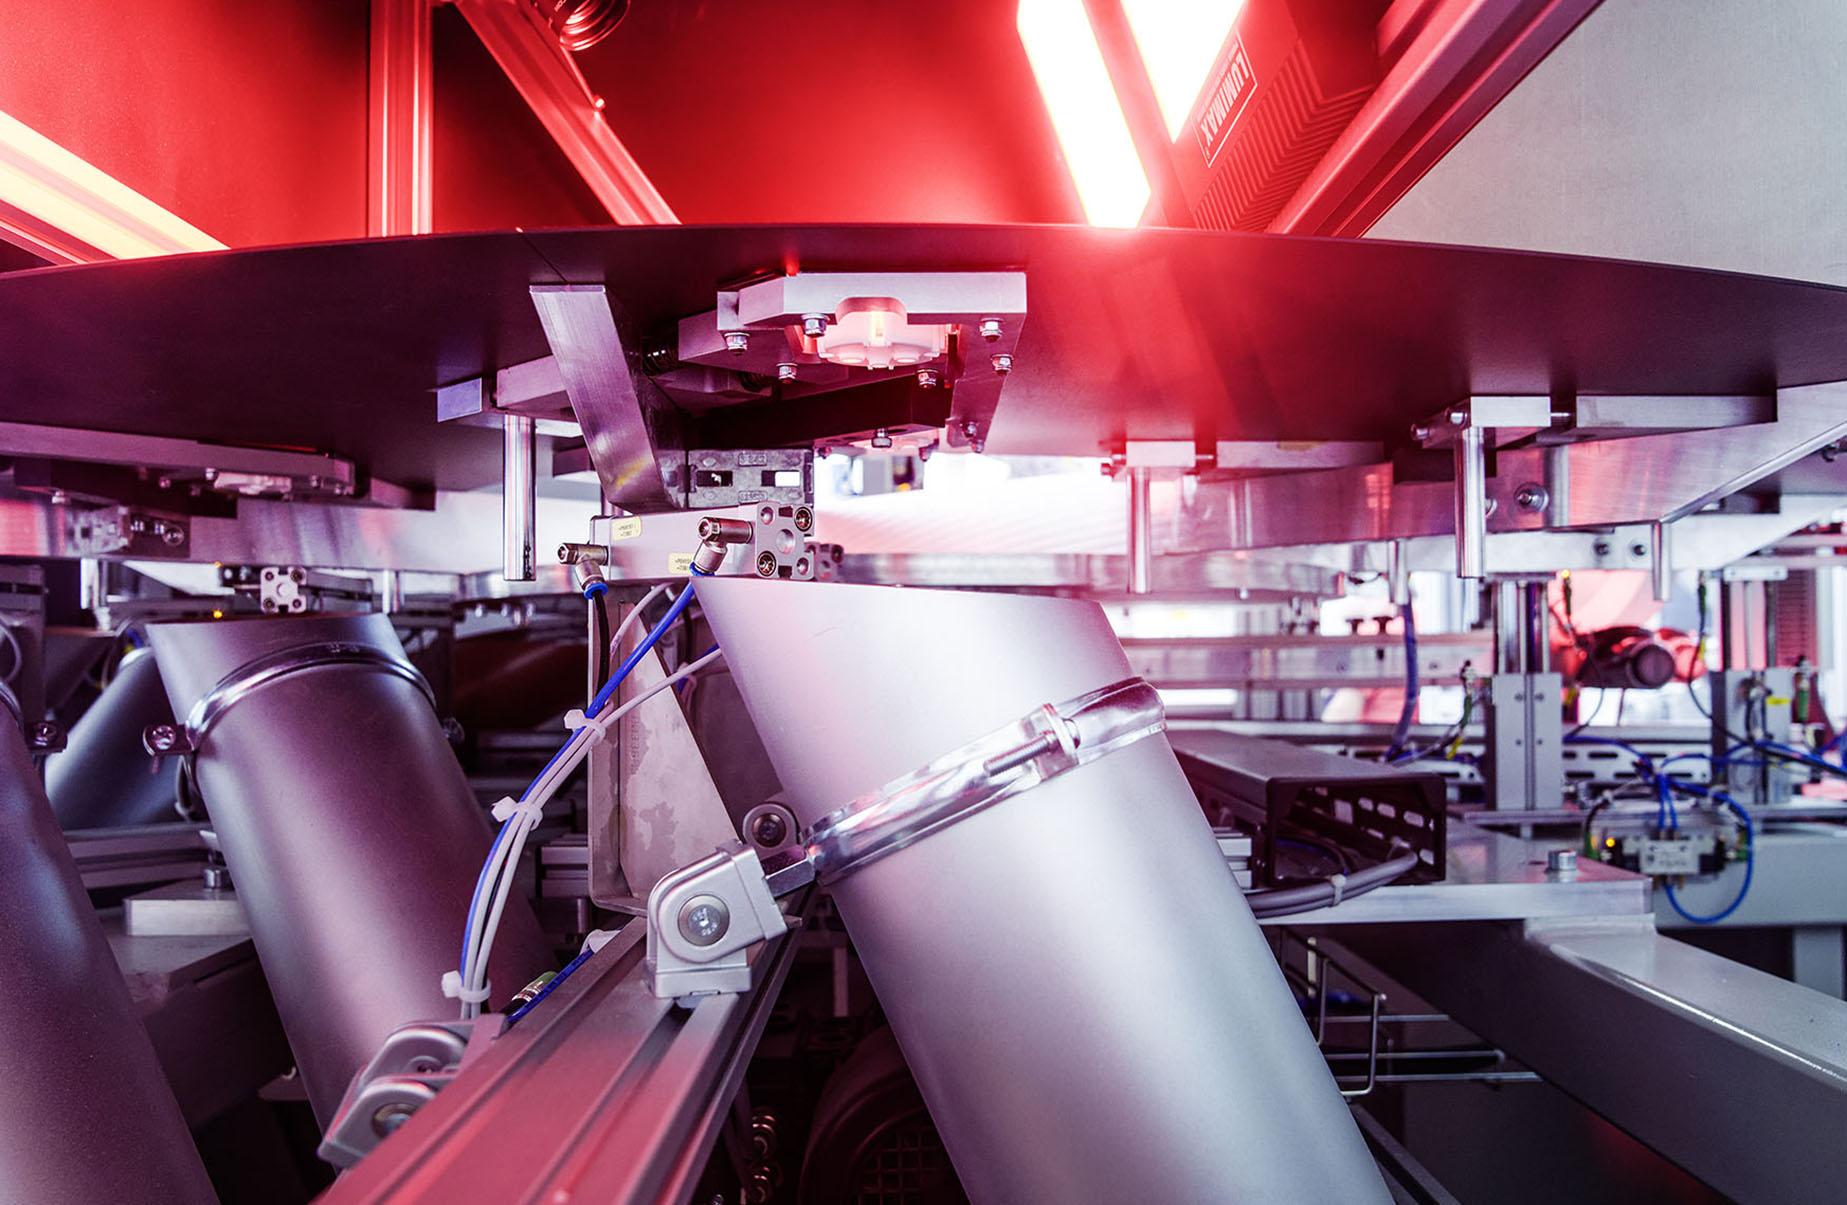 wolfram-schroll_Industriefotografie_jung19_01